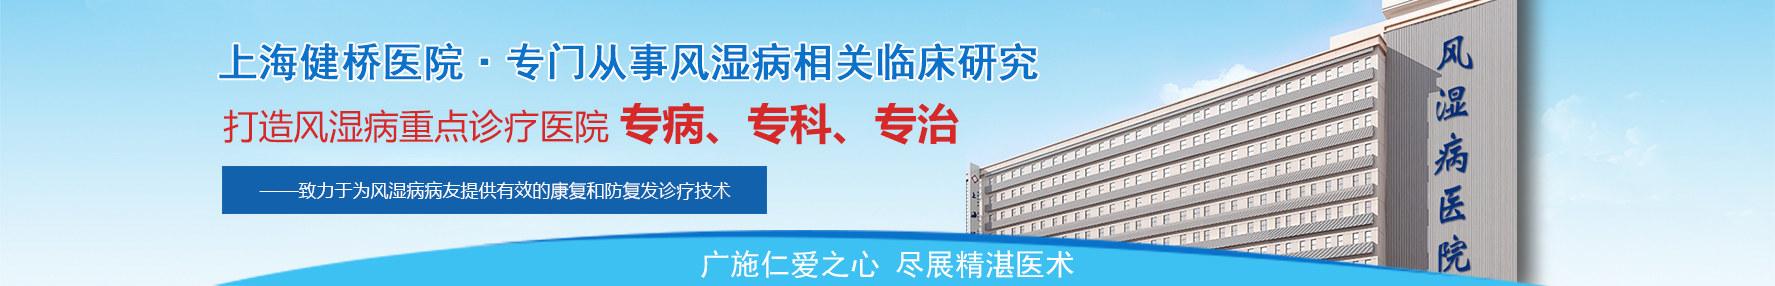 上海健桥医院好不好